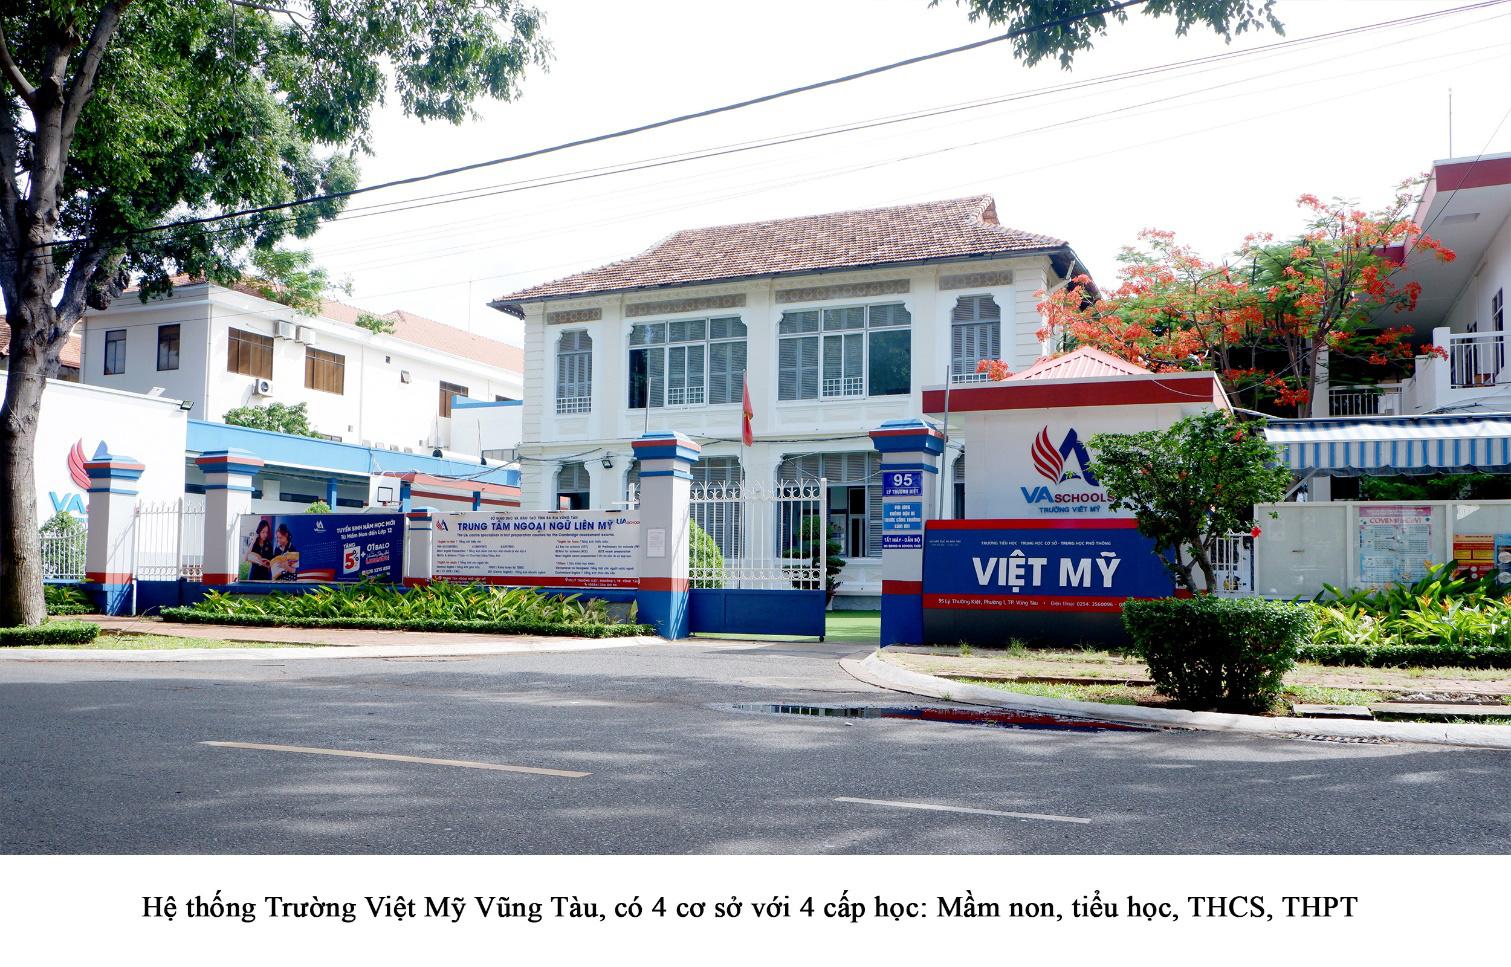 Những gương mặt trẻ tiêu biểu của trường Việt Mỹ Vũng Tàu - Ảnh 10.